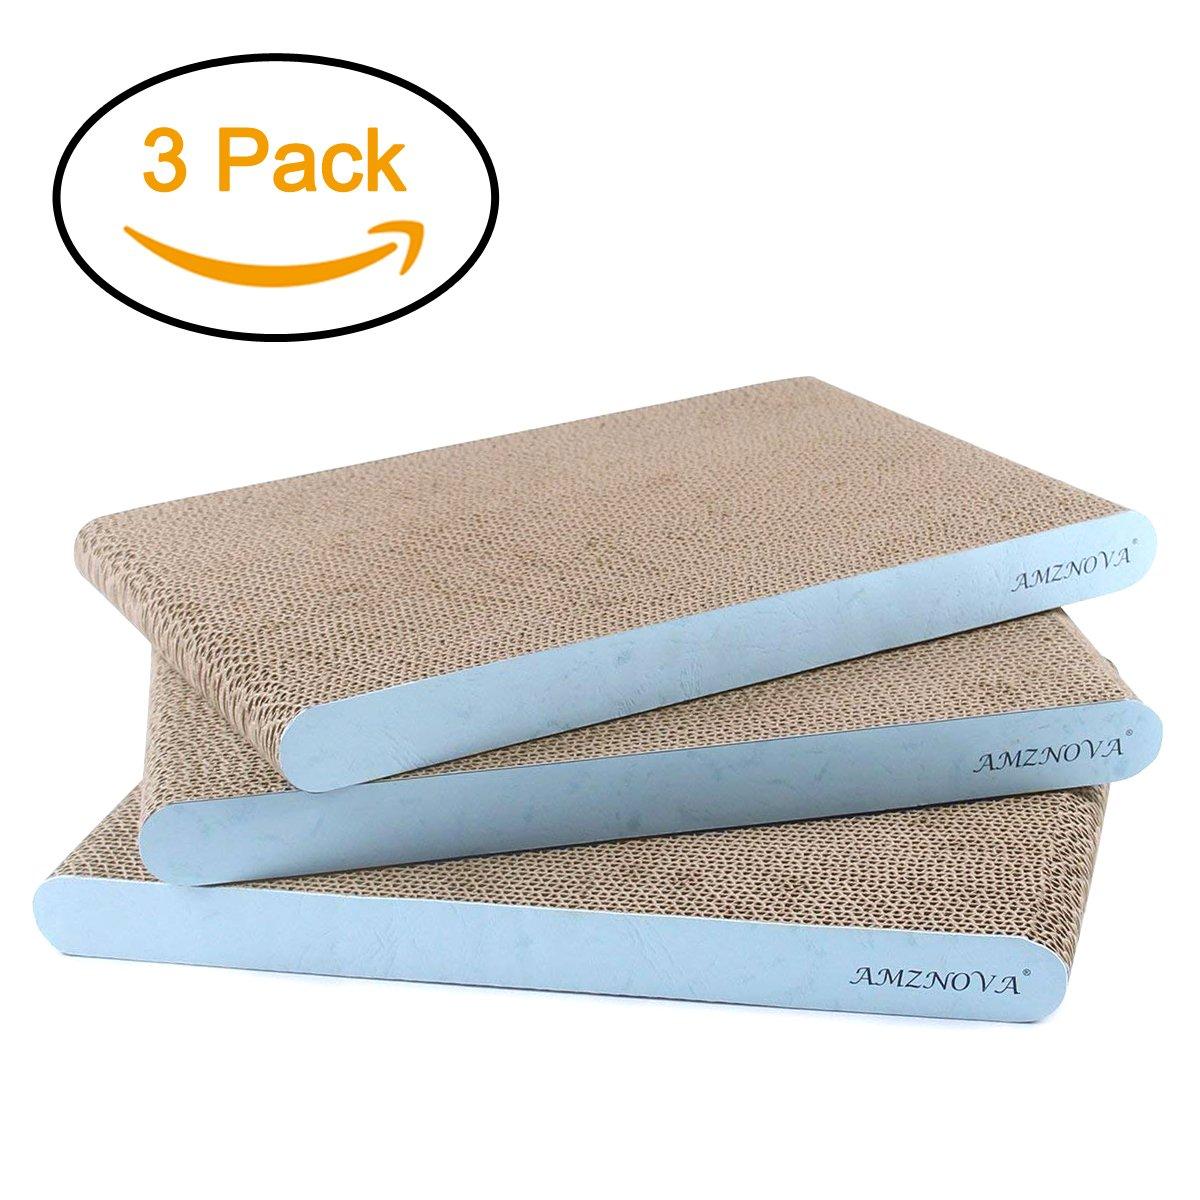 AMZNOVA Cat Scratcher Cardboard Scratching Pads Scratch Lounge Sofa Bed, Wide, Baby Blue, 3 Pack